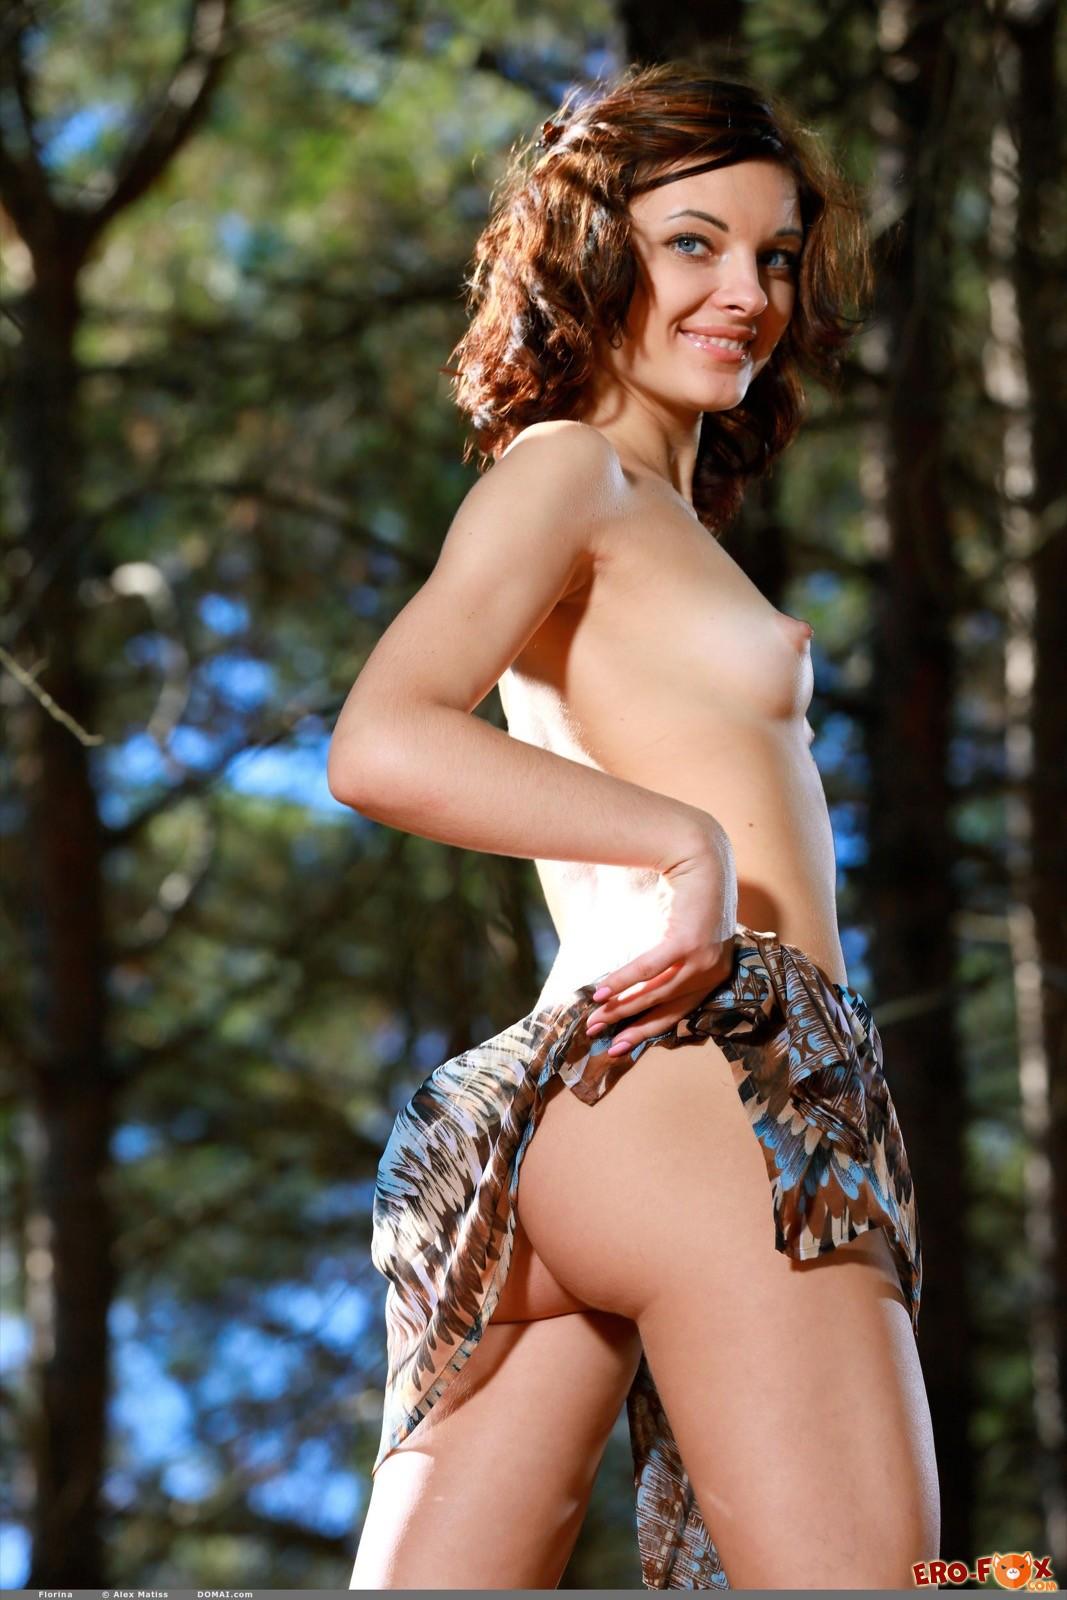 Девушка не постеснялась раздеться в лесу